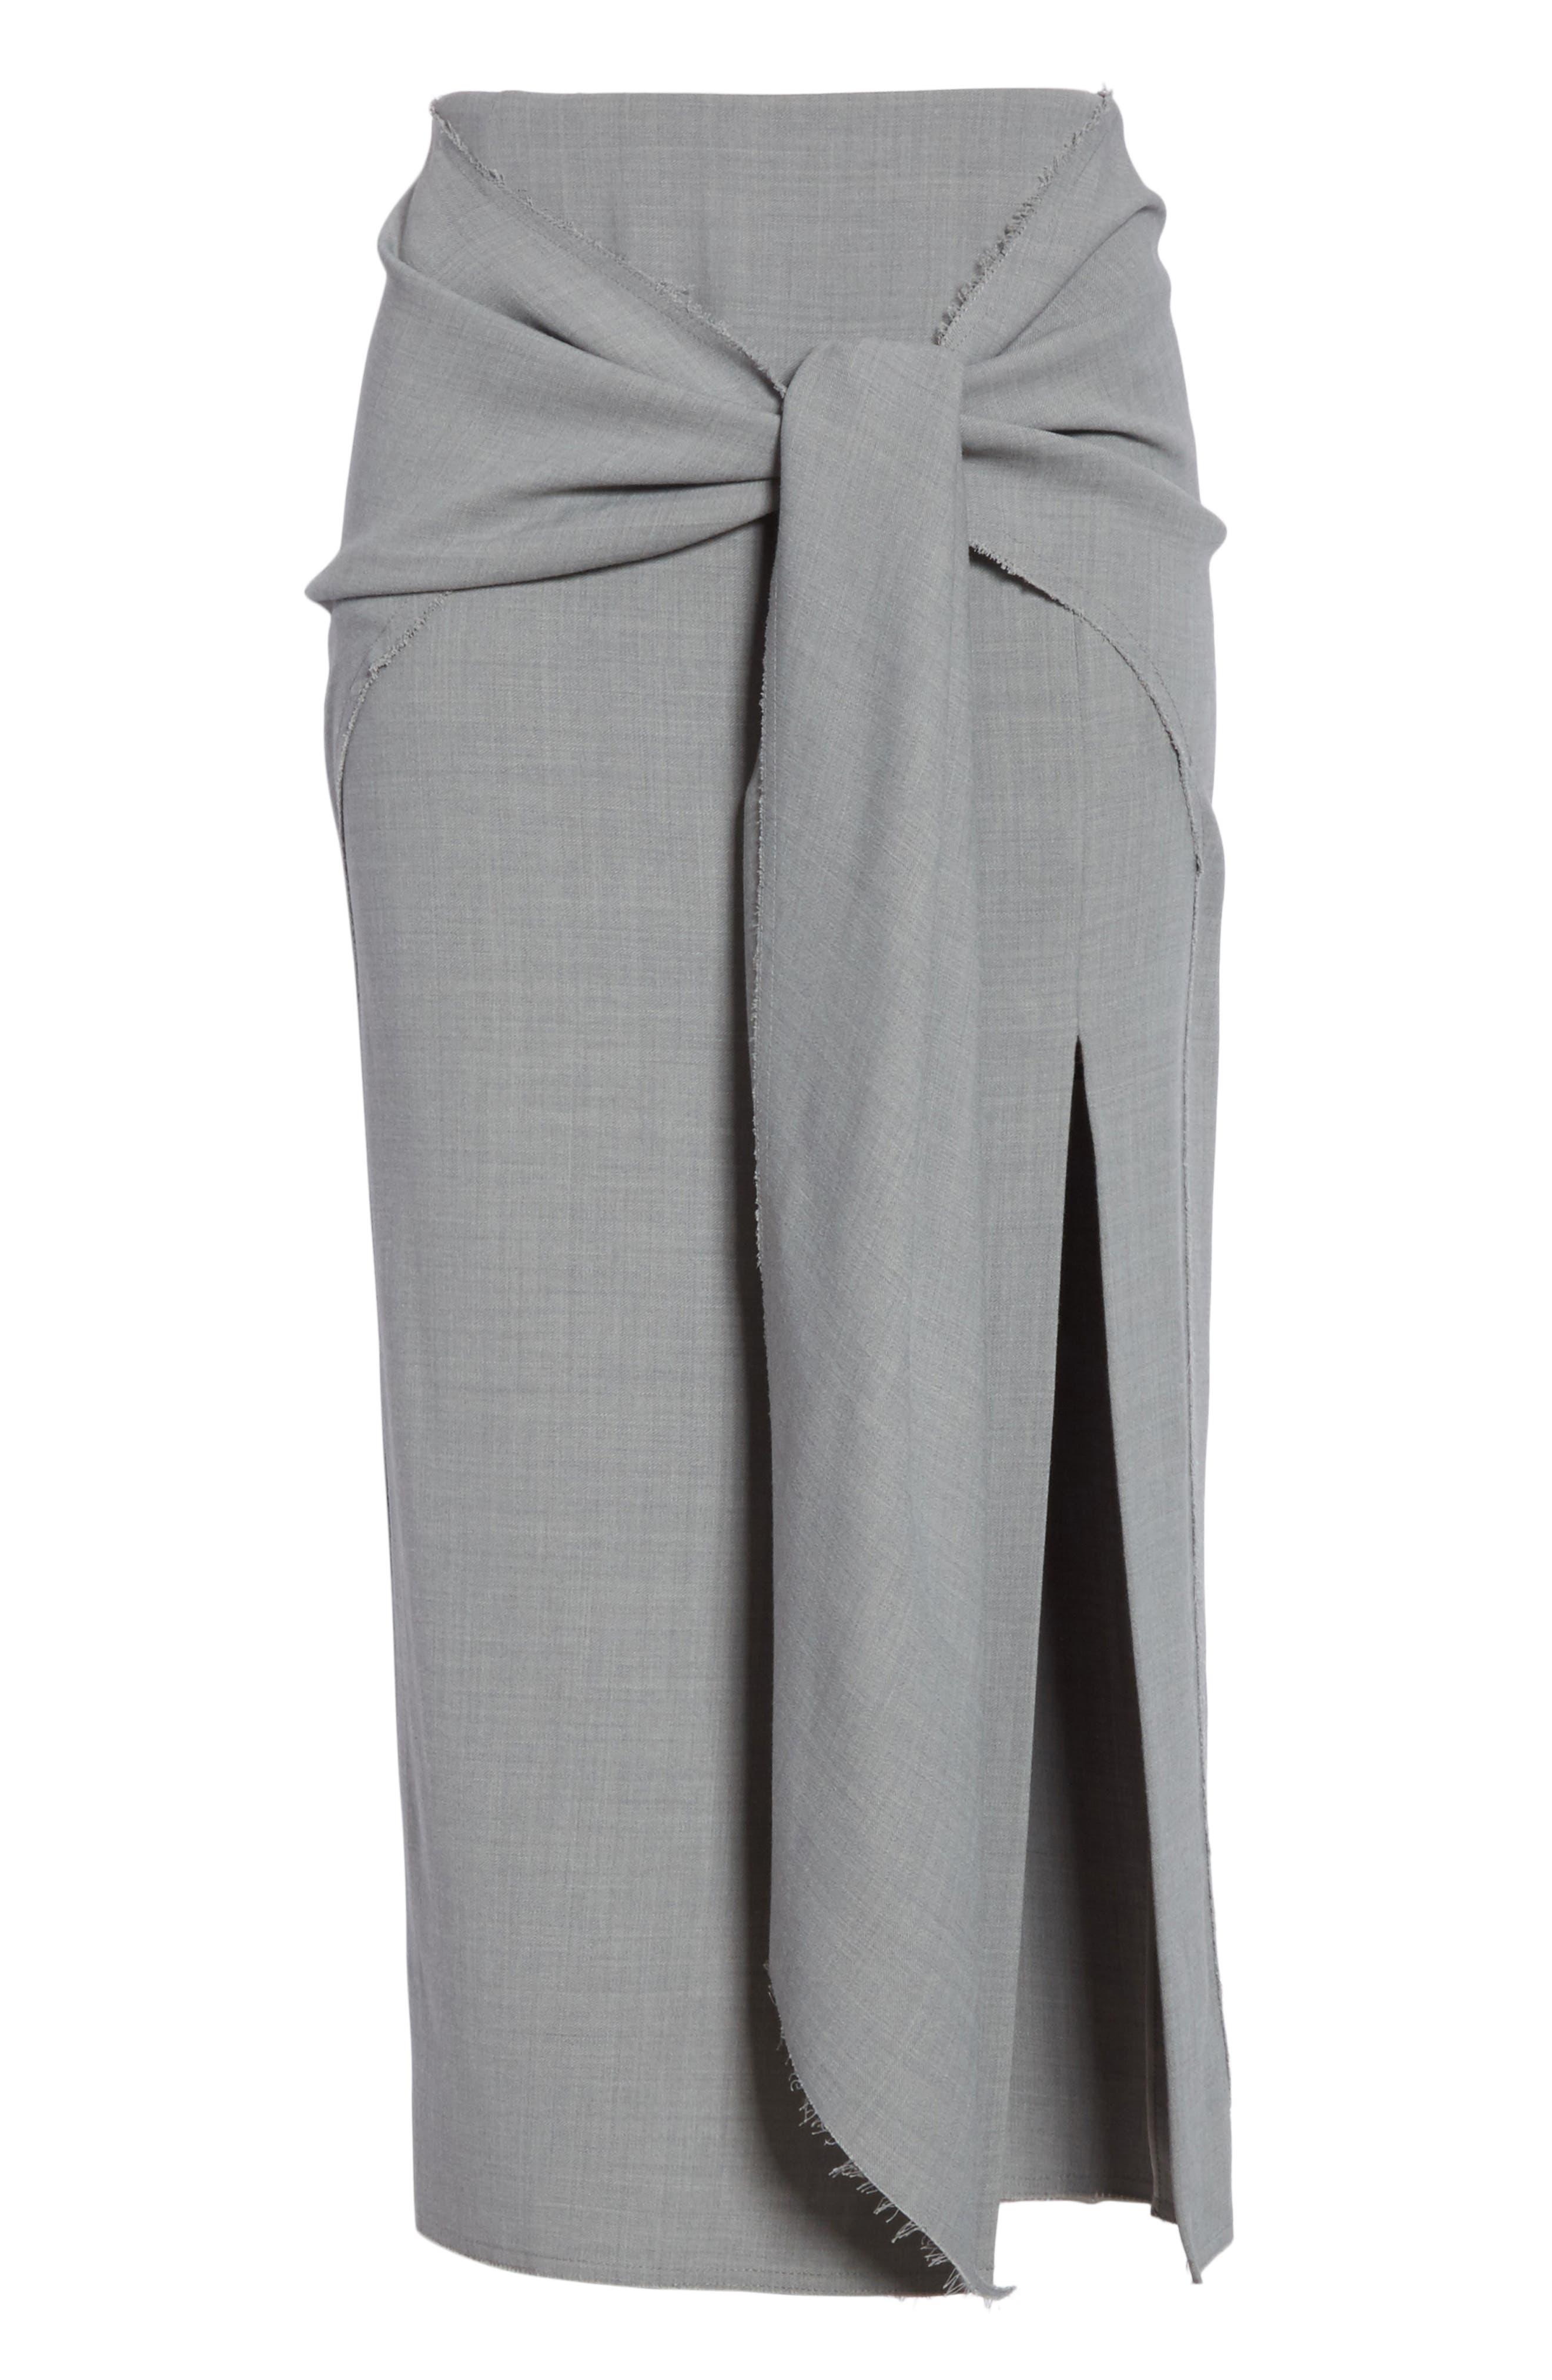 Raw Hem Tie Front Skirt,                             Alternate thumbnail 6, color,                             Light Grey Melange